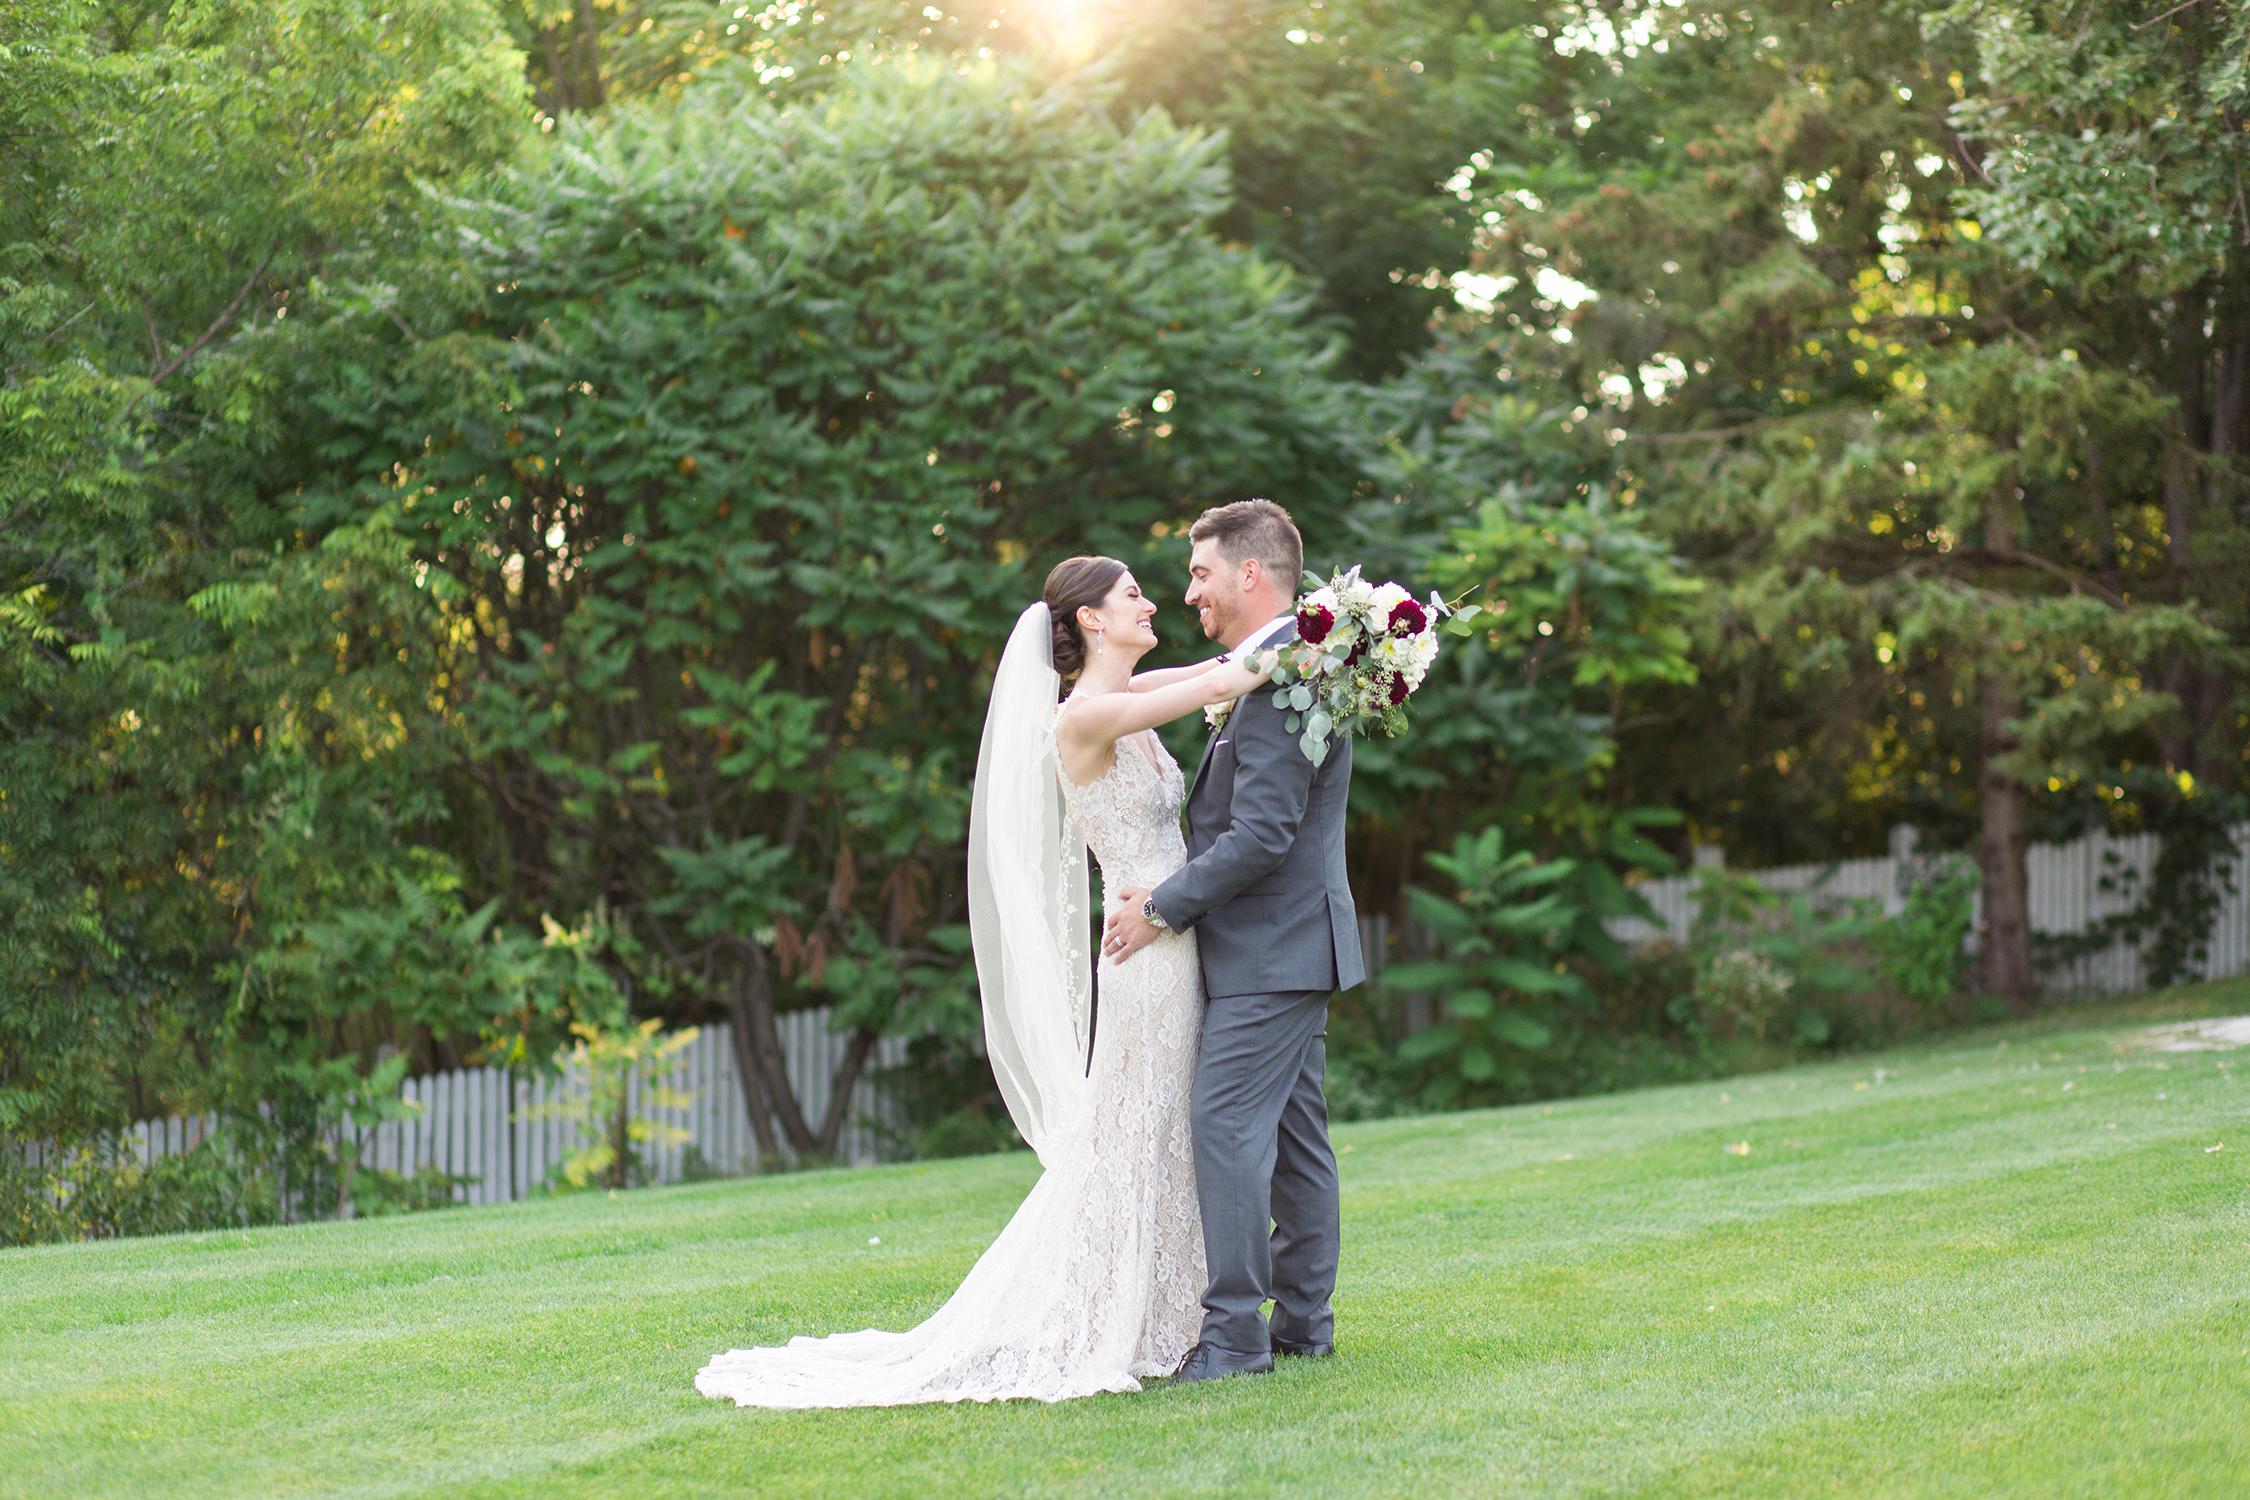 WEDDINGDAYTIPS-STAYPRESENT-ALEXANDRADELBELLOPHOTOGRAPHY-KLEINBURGWEDDING-DOCTORSHOUSEWEDDING-8.jpg